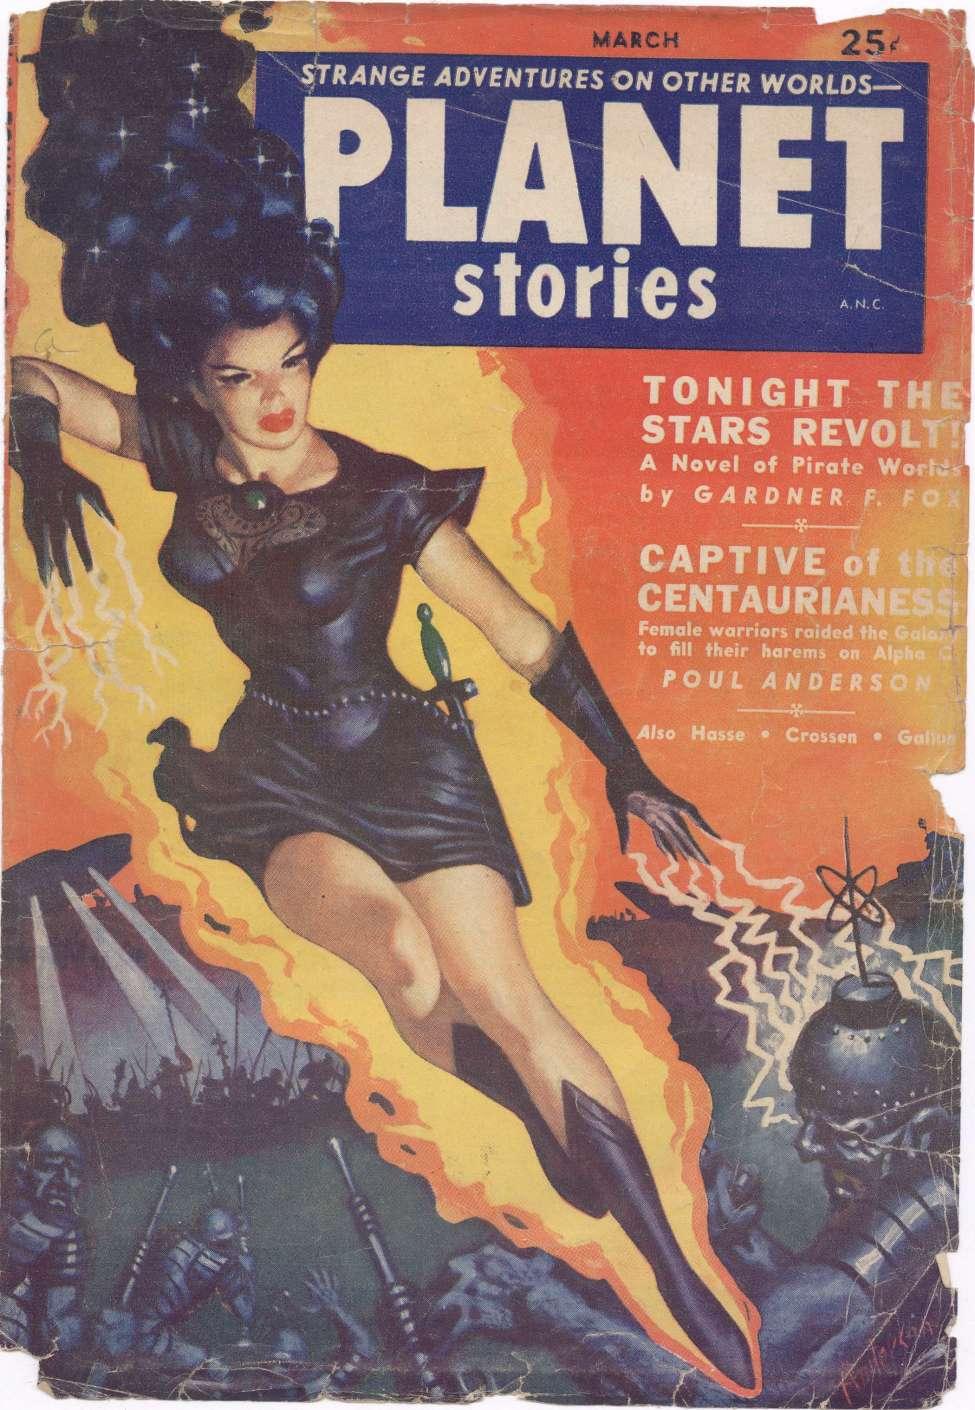 Comic Book Cover For Planet Stories v05 05 - Tonight the Stars Revolt! - Gardner F. Fox